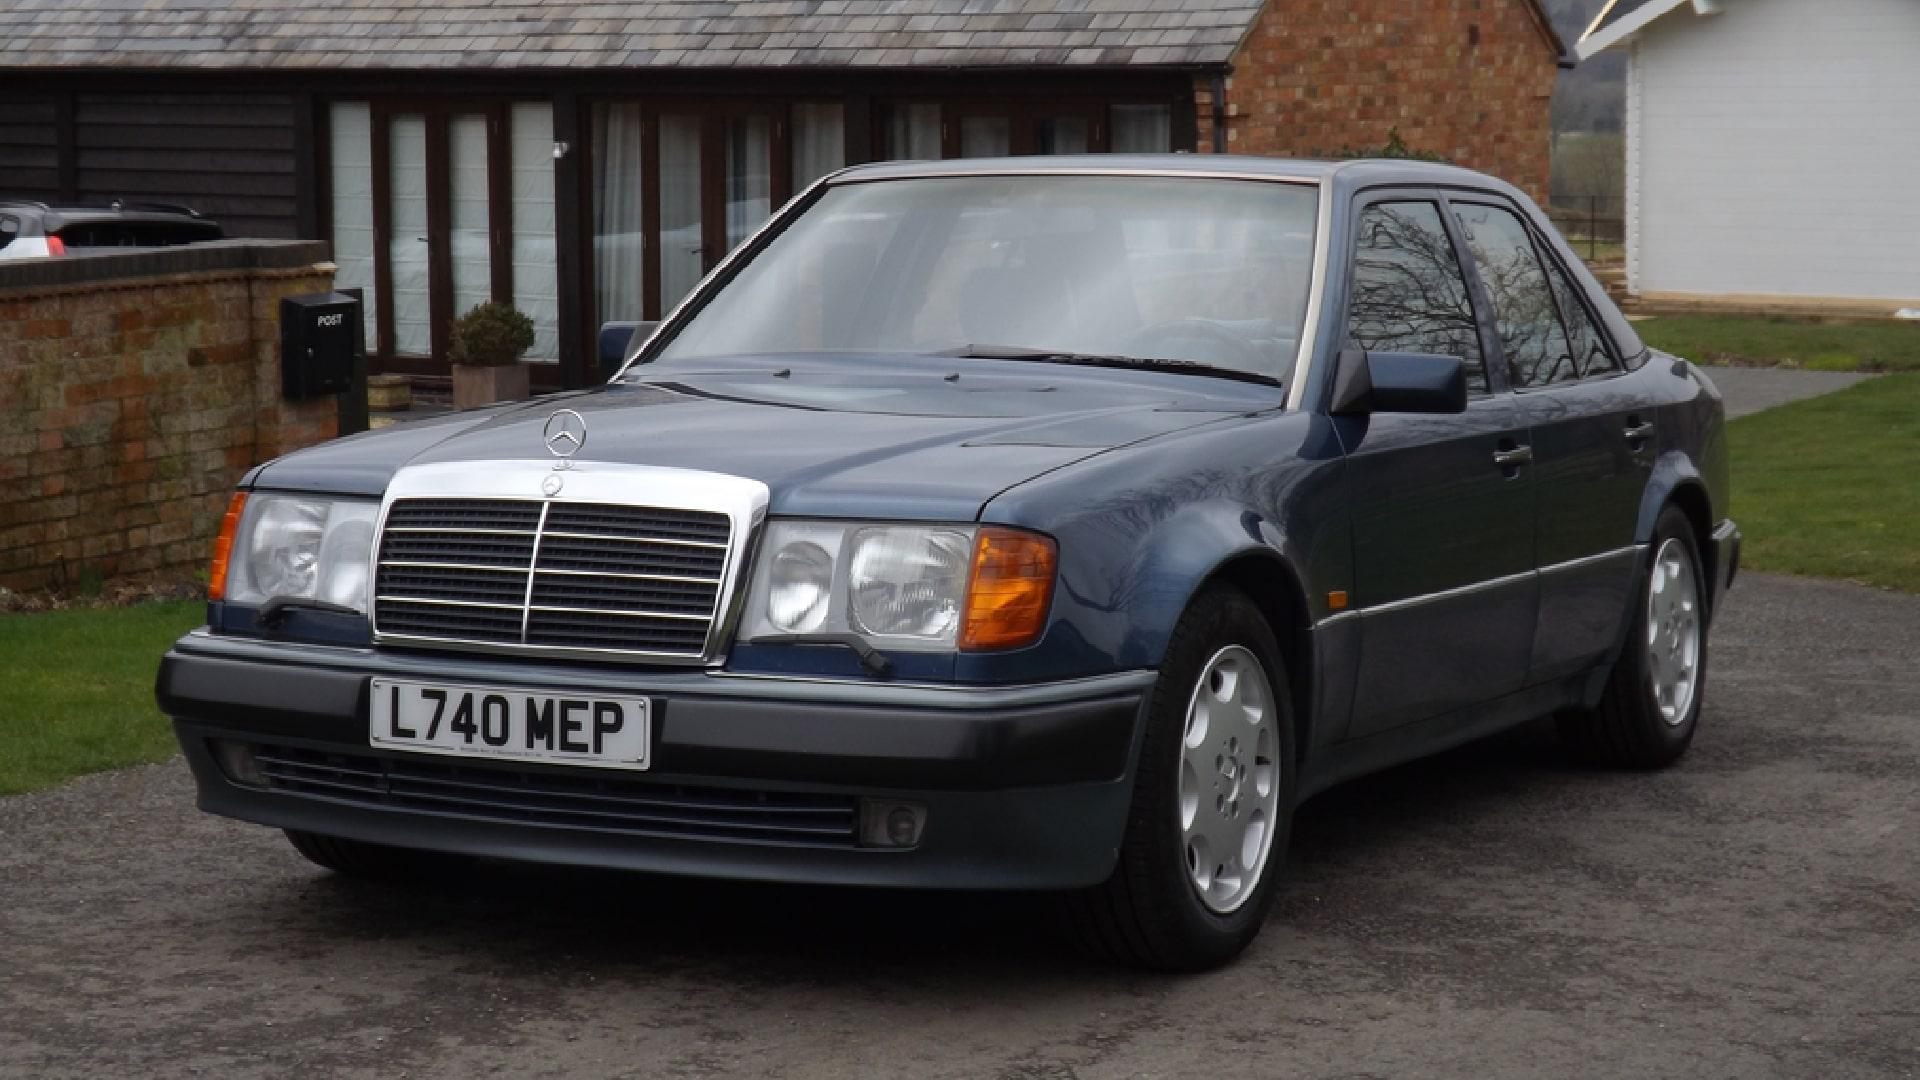 Роуэн Аткинсон, известный главным образом как исполнитель роли мистера Бина, неравнодушен к Mercedes-Benz 500 E в кузове W124: в общей сложности у актёра было четыре таких машины. Периодически он продаёт эти автомобили, а потом зачем-то выкупает обратно. Теперь на торги выставлен очередной «пятисотый».